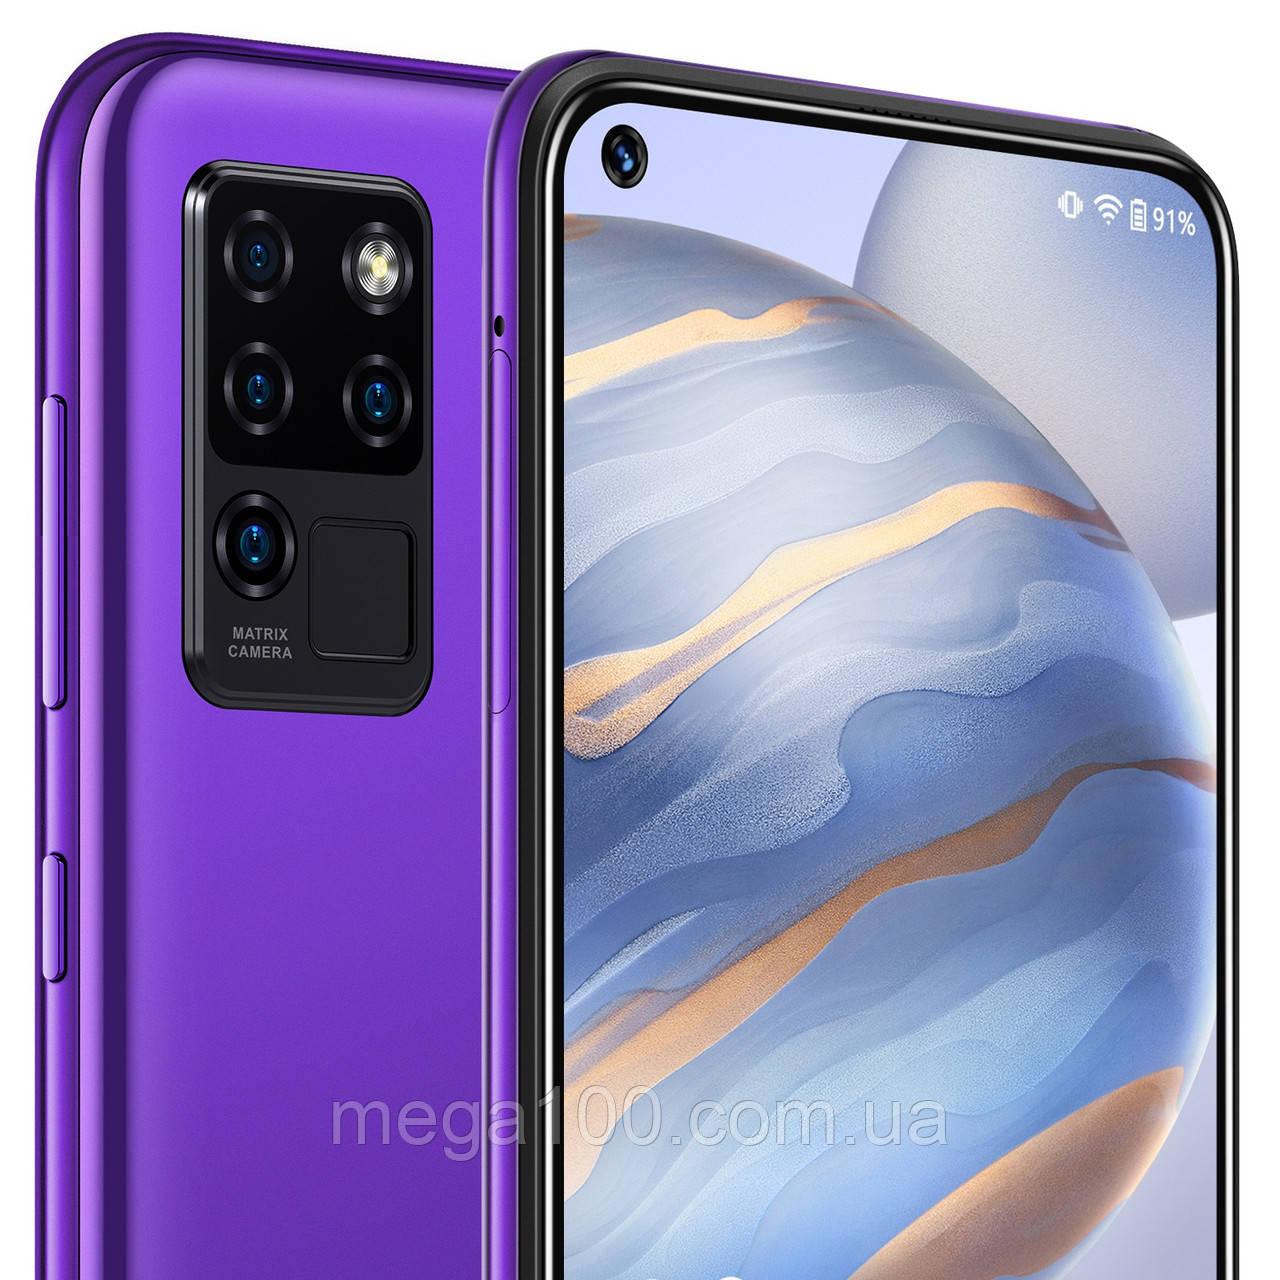 Смартфон oukitel c21 фиолетовый цвет (экран 6,4, памяти 4/64, емкость батареи 4000 мАч)